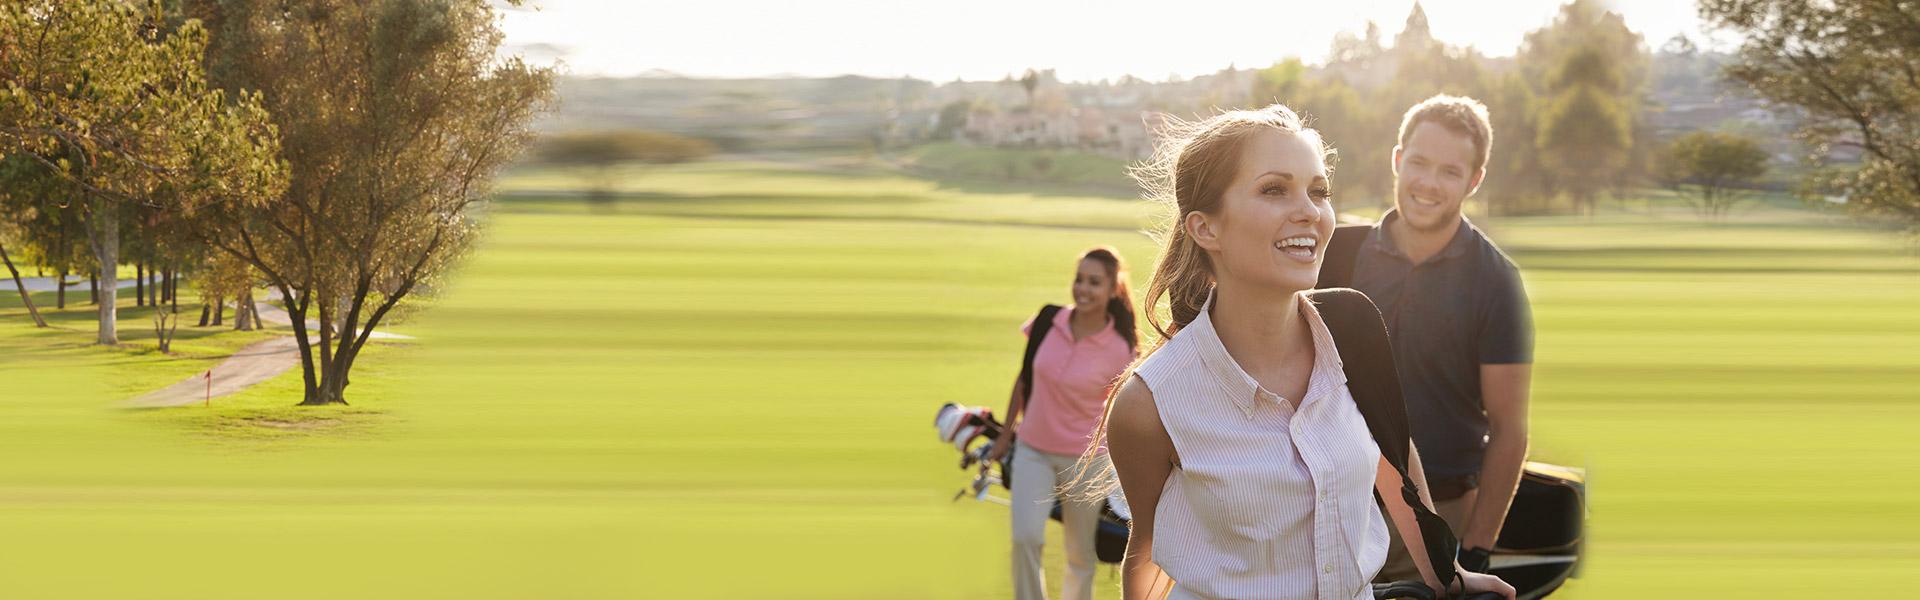 Verschenken Sie Golfmomente